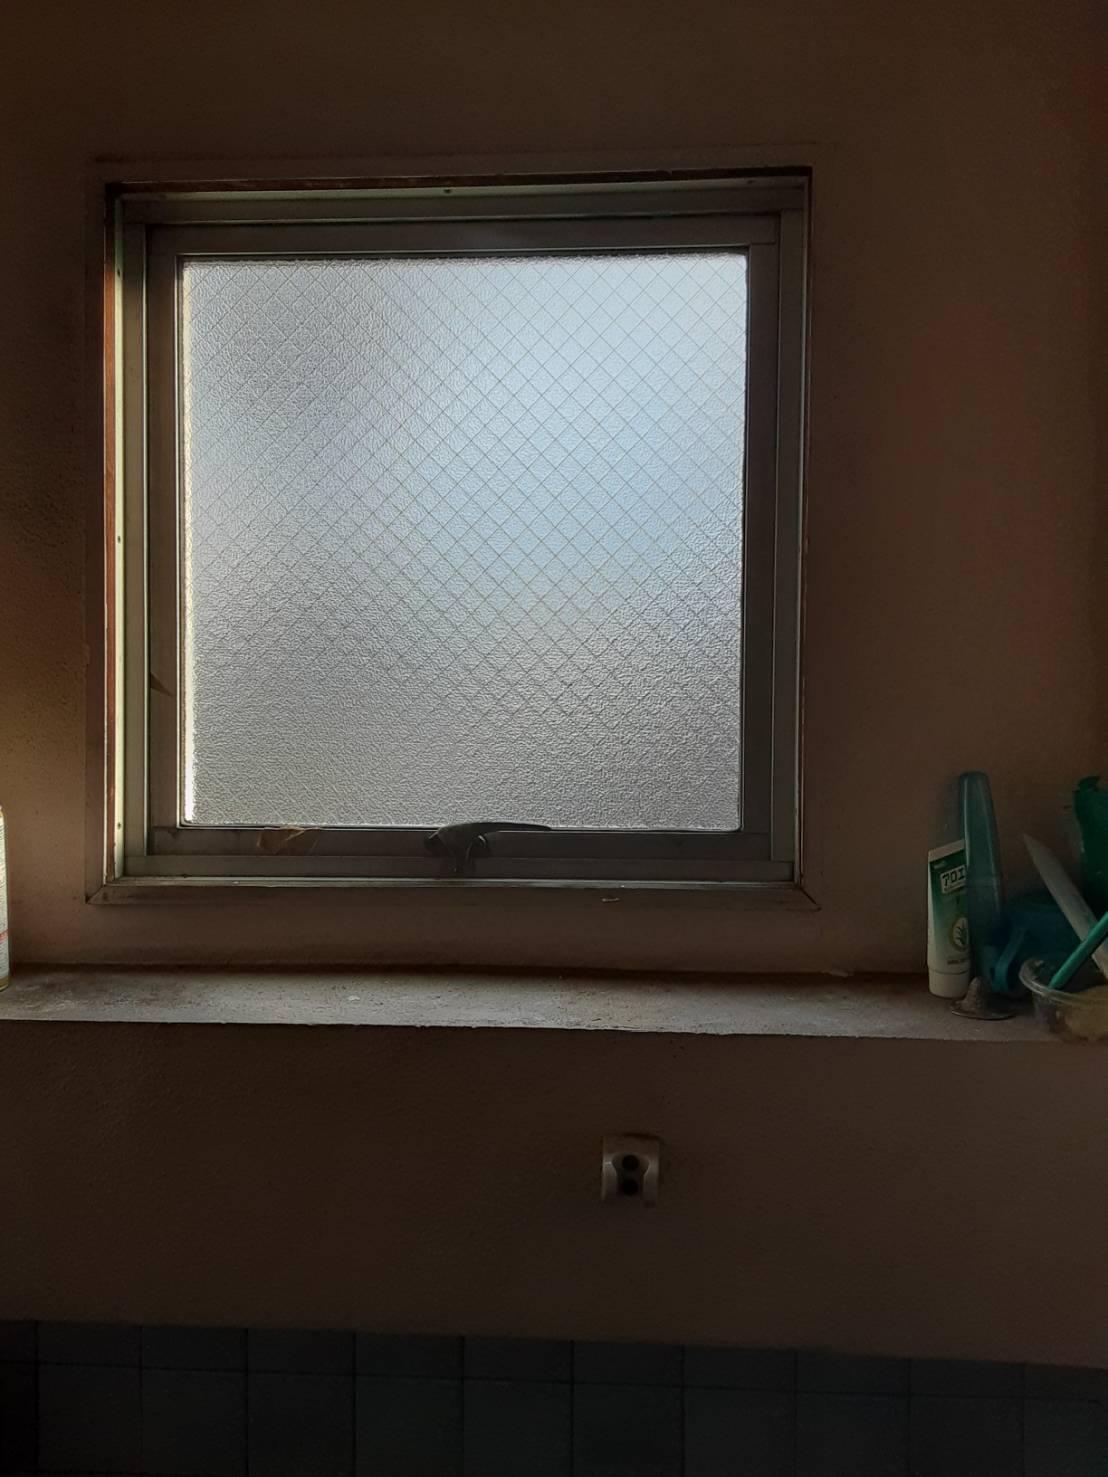 浴室マド ガラス交換 ビル ギャラリーパティオの現場ブログ メイン写真